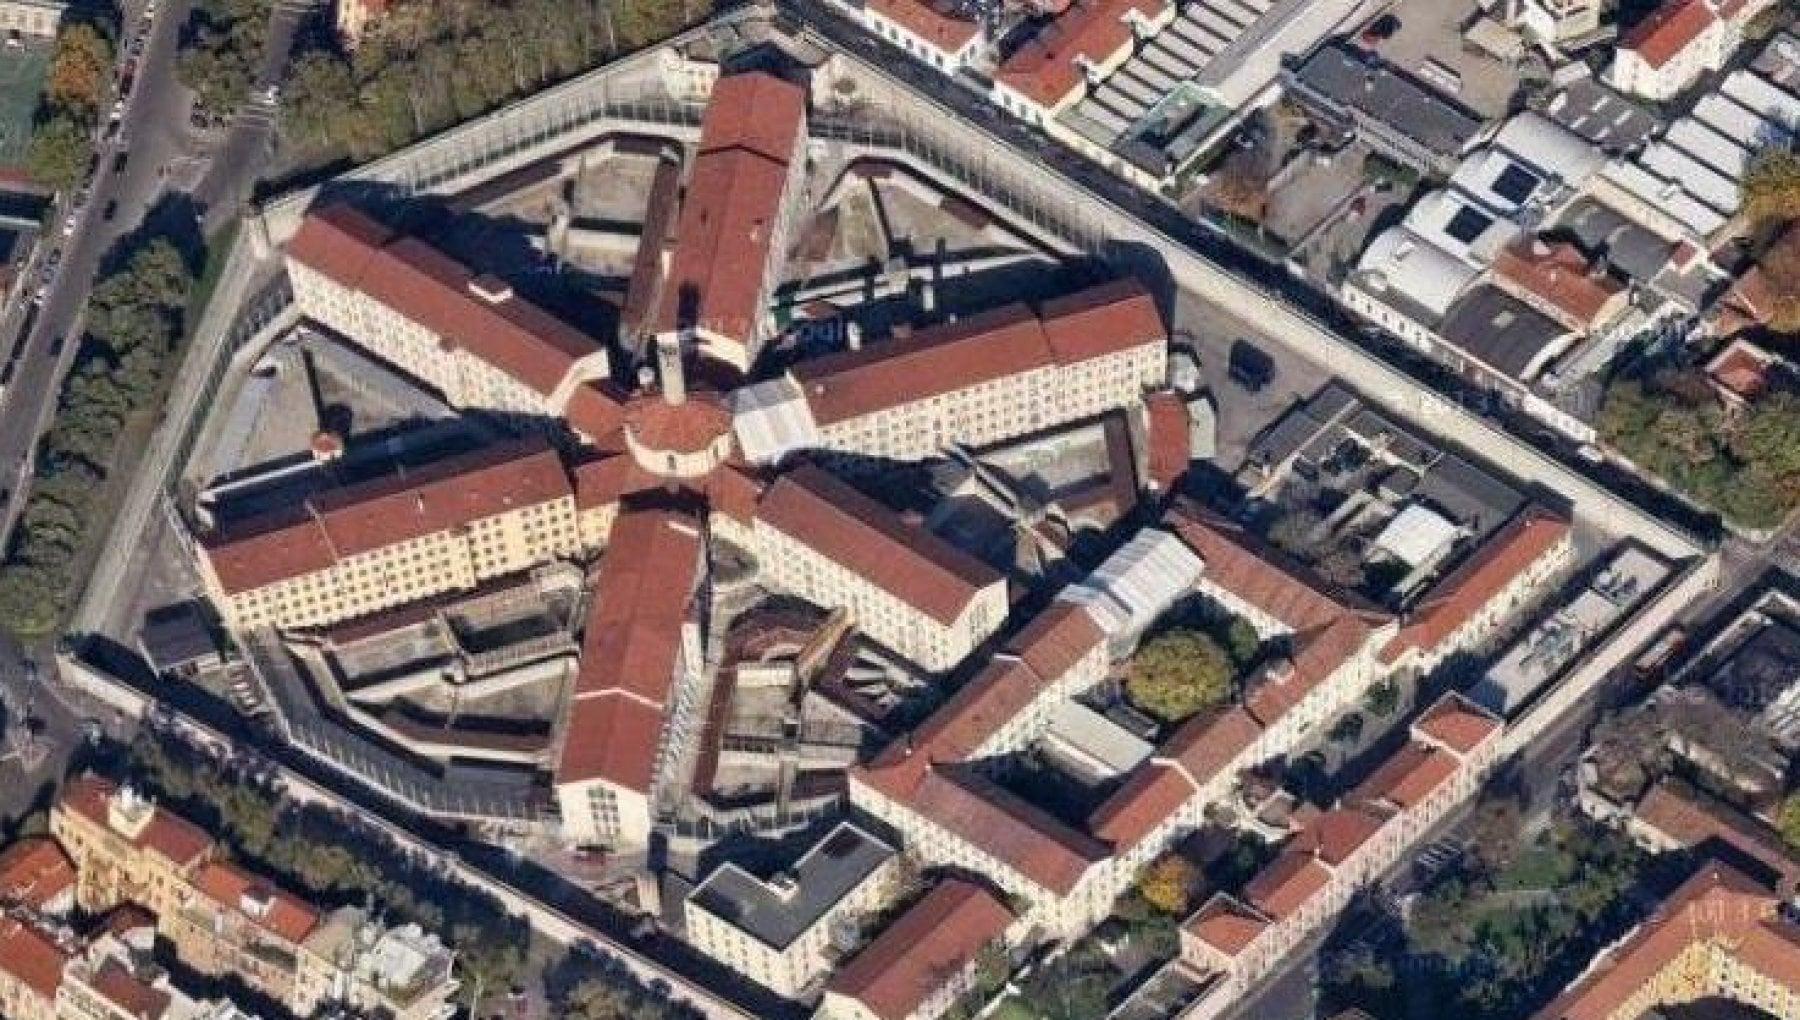 213124305 483425f4 dc99 4e58 9adf 2923145f5b89 - Ma a San Vittore la rivolta del '77 finì senza violenze